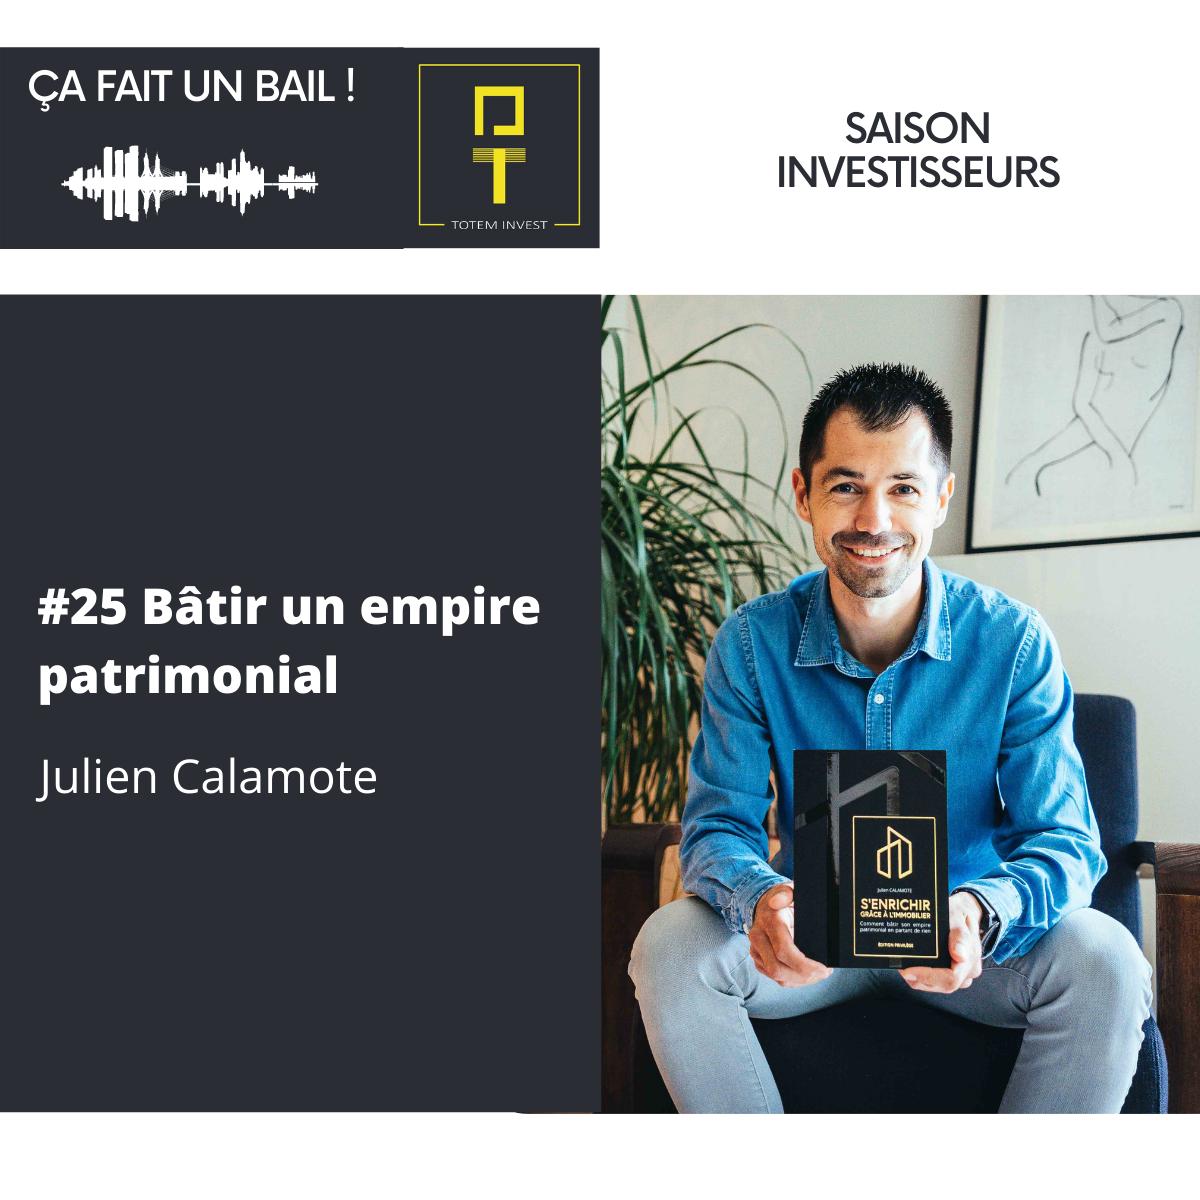 Julien Calamote ÇA FAIT UN BAIL